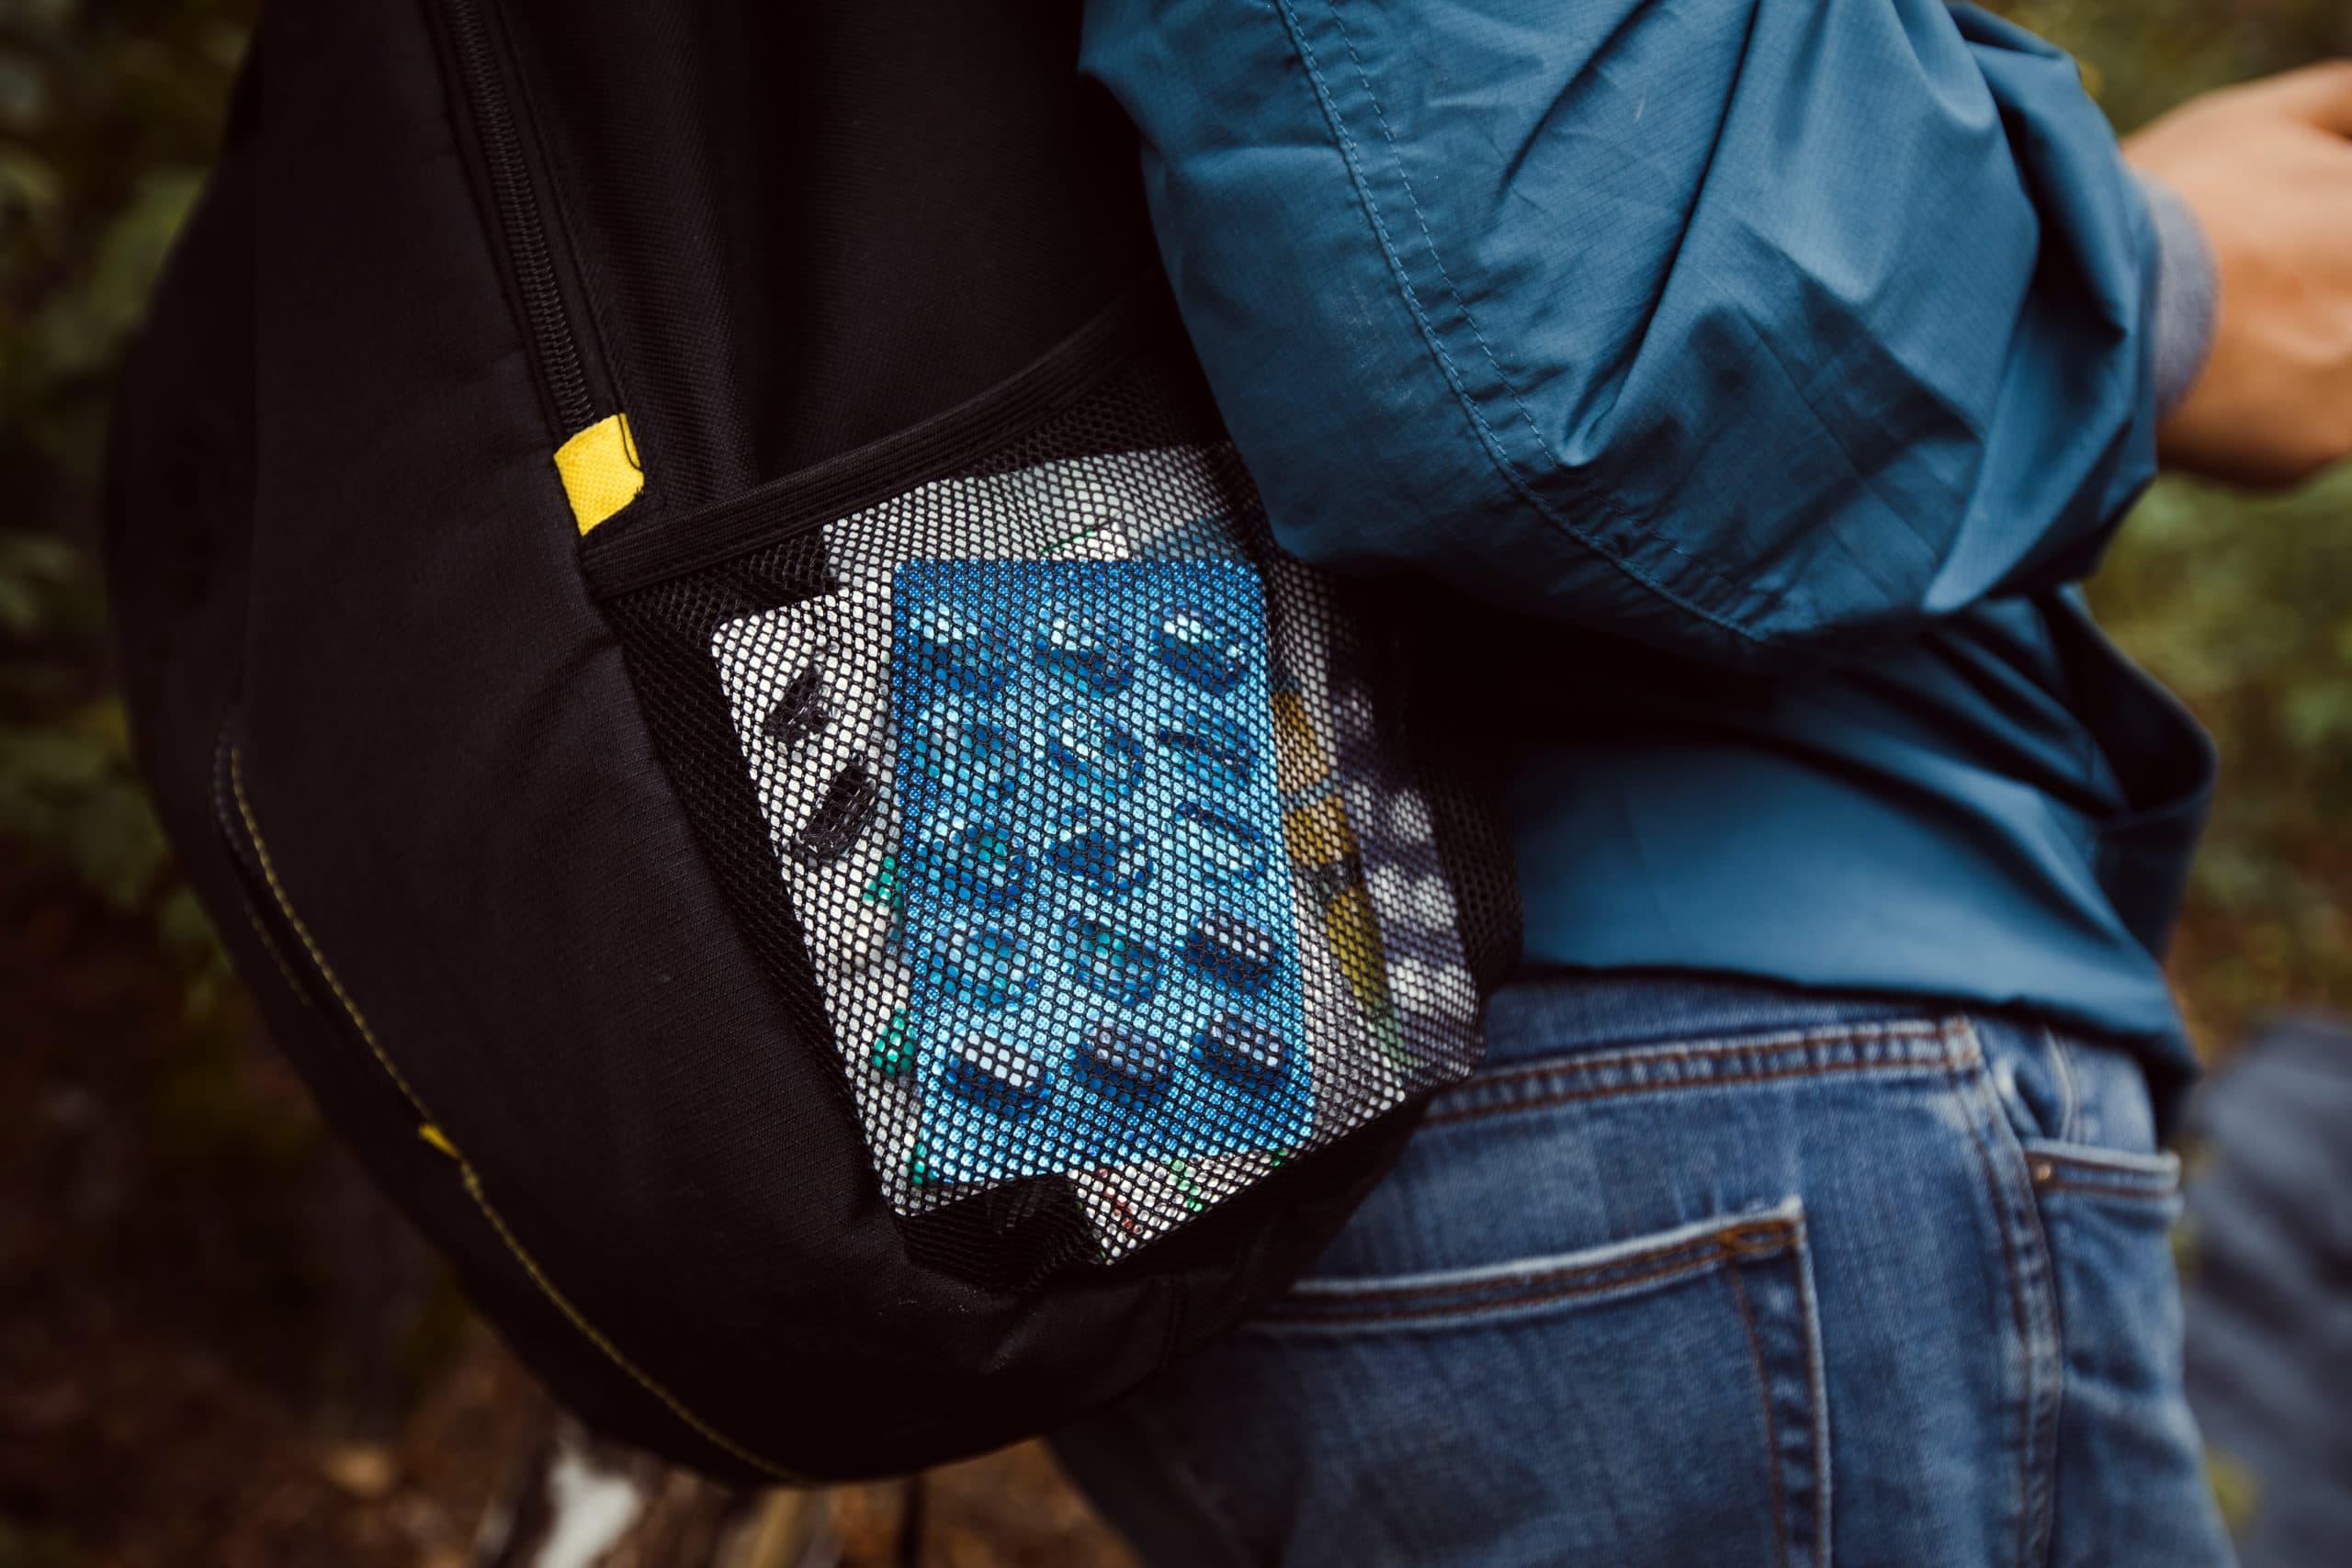 Eine Person steht und trägt einen Rucksack. In der Seitentaschen sind Tabletten.